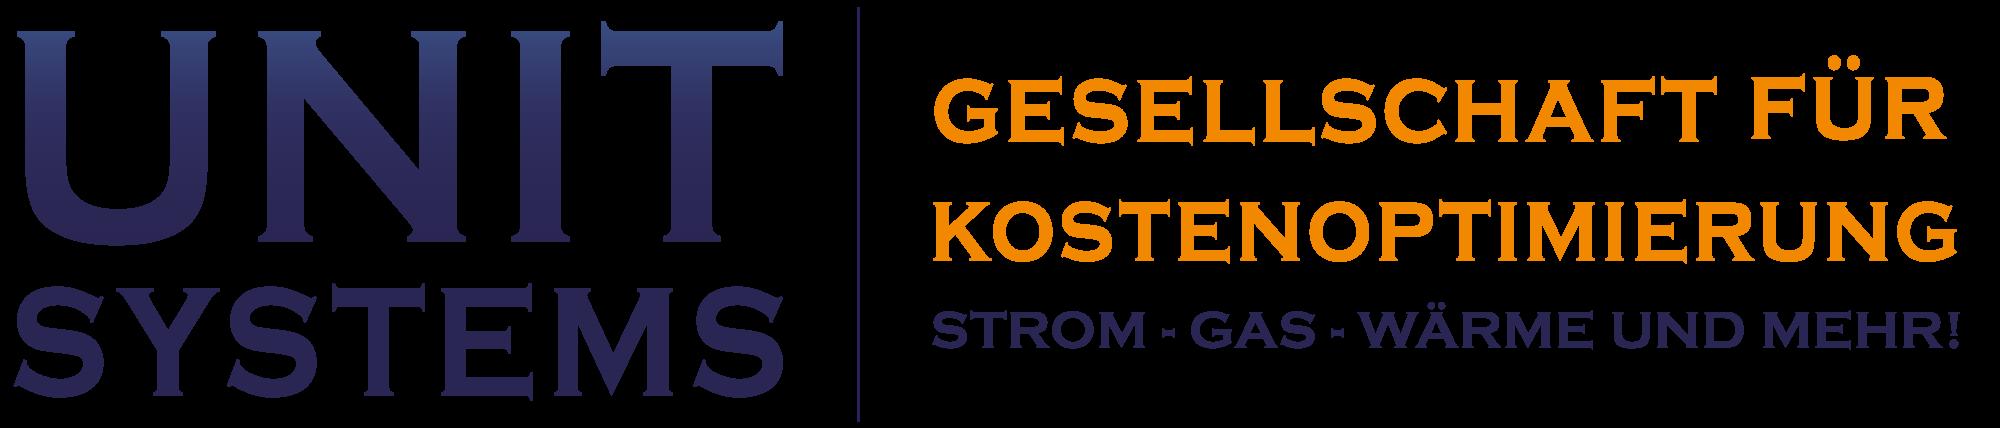 Unitsystems.de